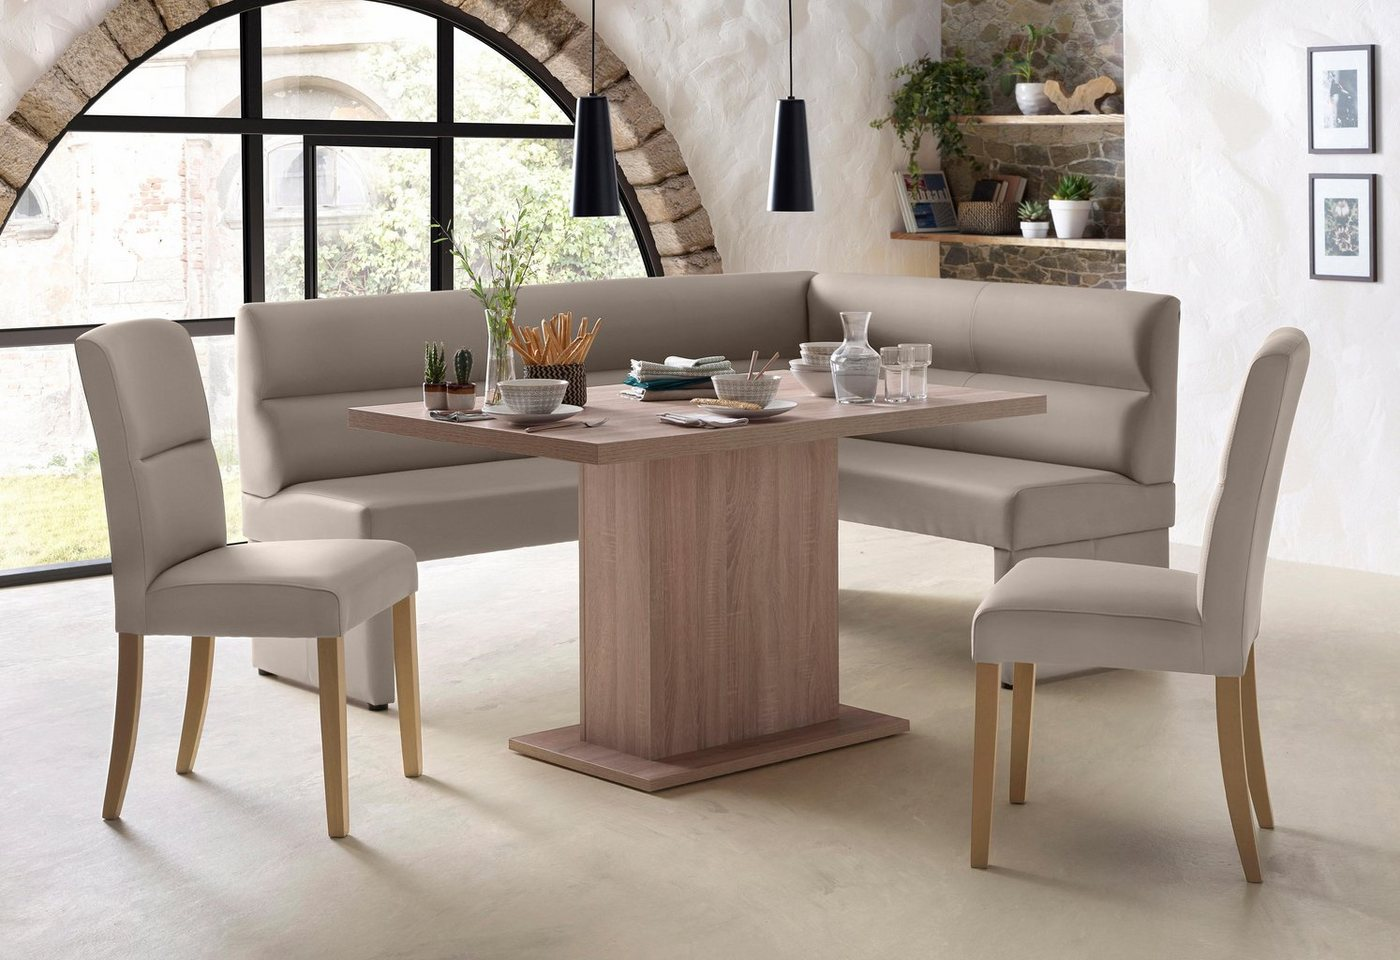 Eckbankgruppen Online Kaufen Möbel Suchmaschine Ladendirektde